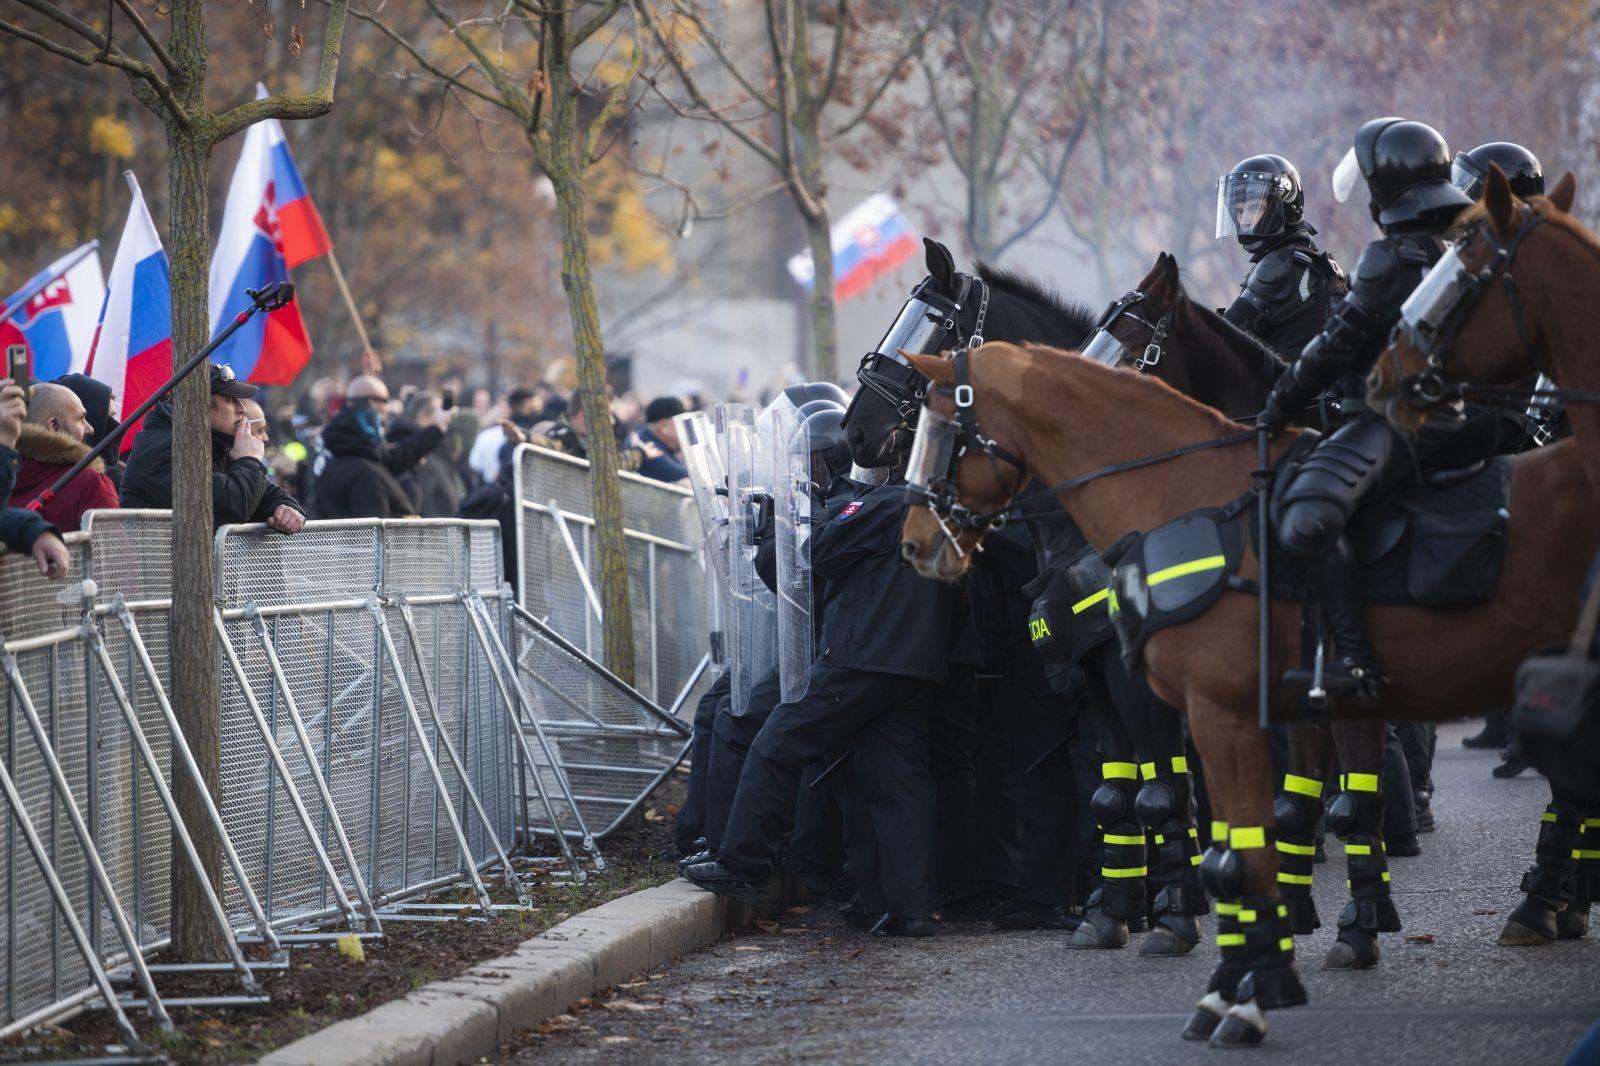 Demonštranti počas protivládneho protestu pred Úradom vlády v Bratislave 17. novembra